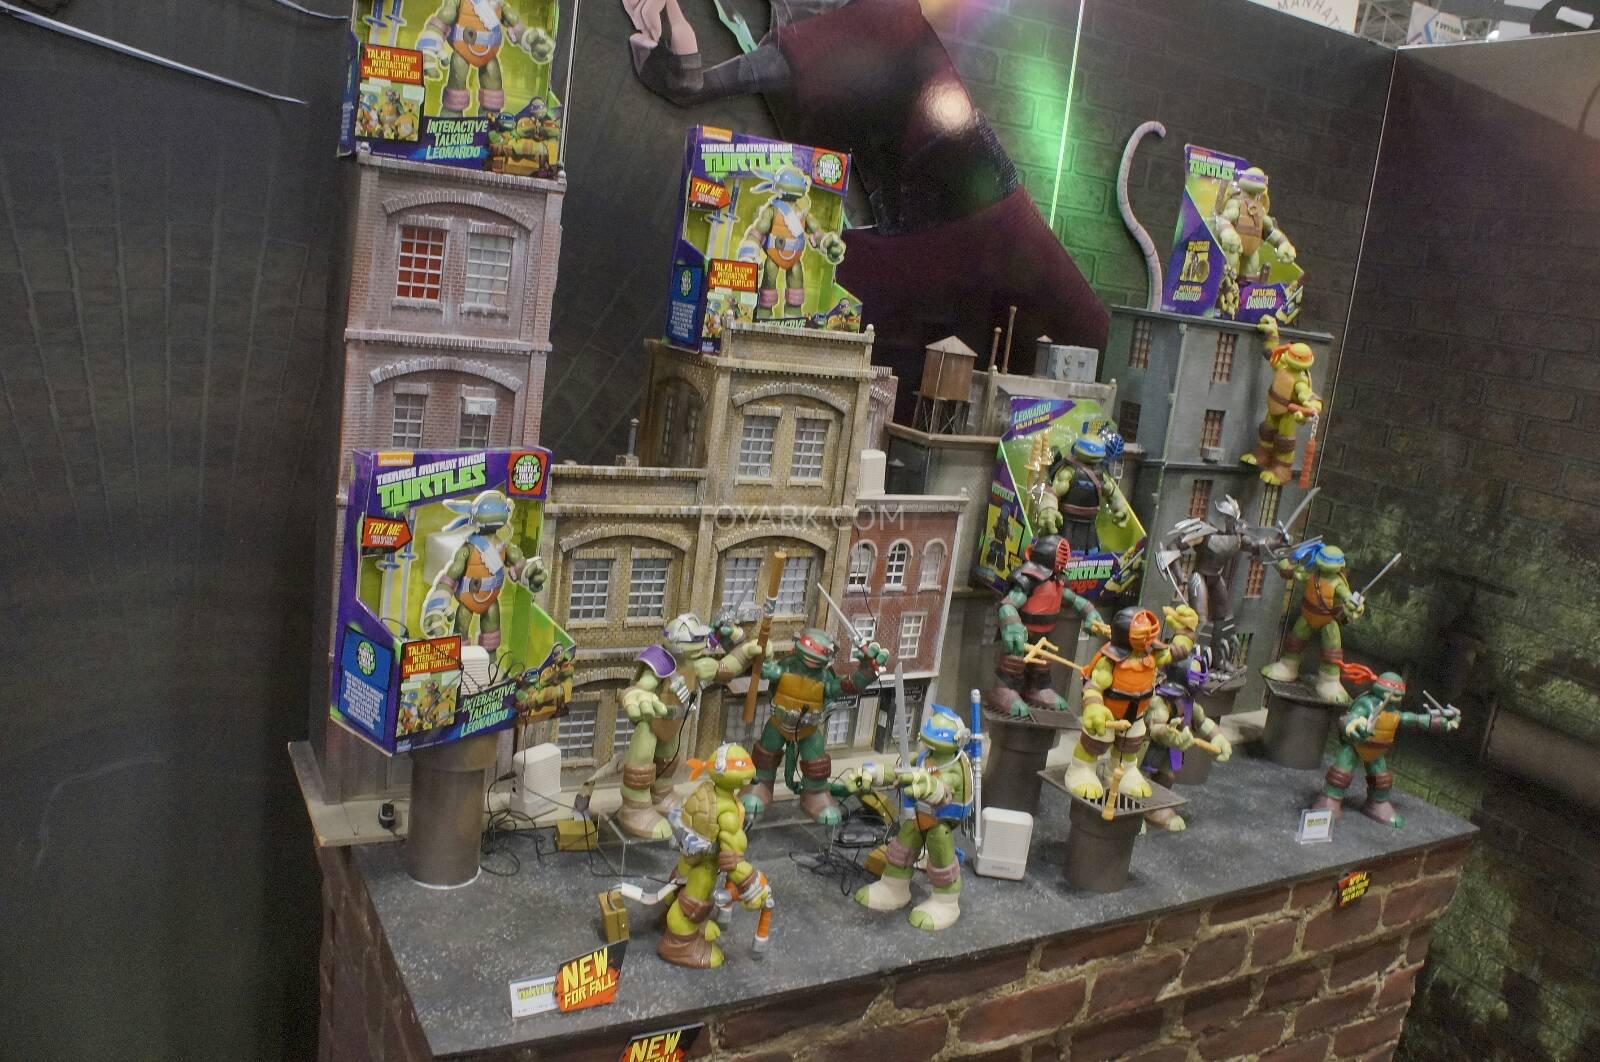 Des nouvelles figurines Tortues Ninja chez Playmates Toys  Japanim & Comics